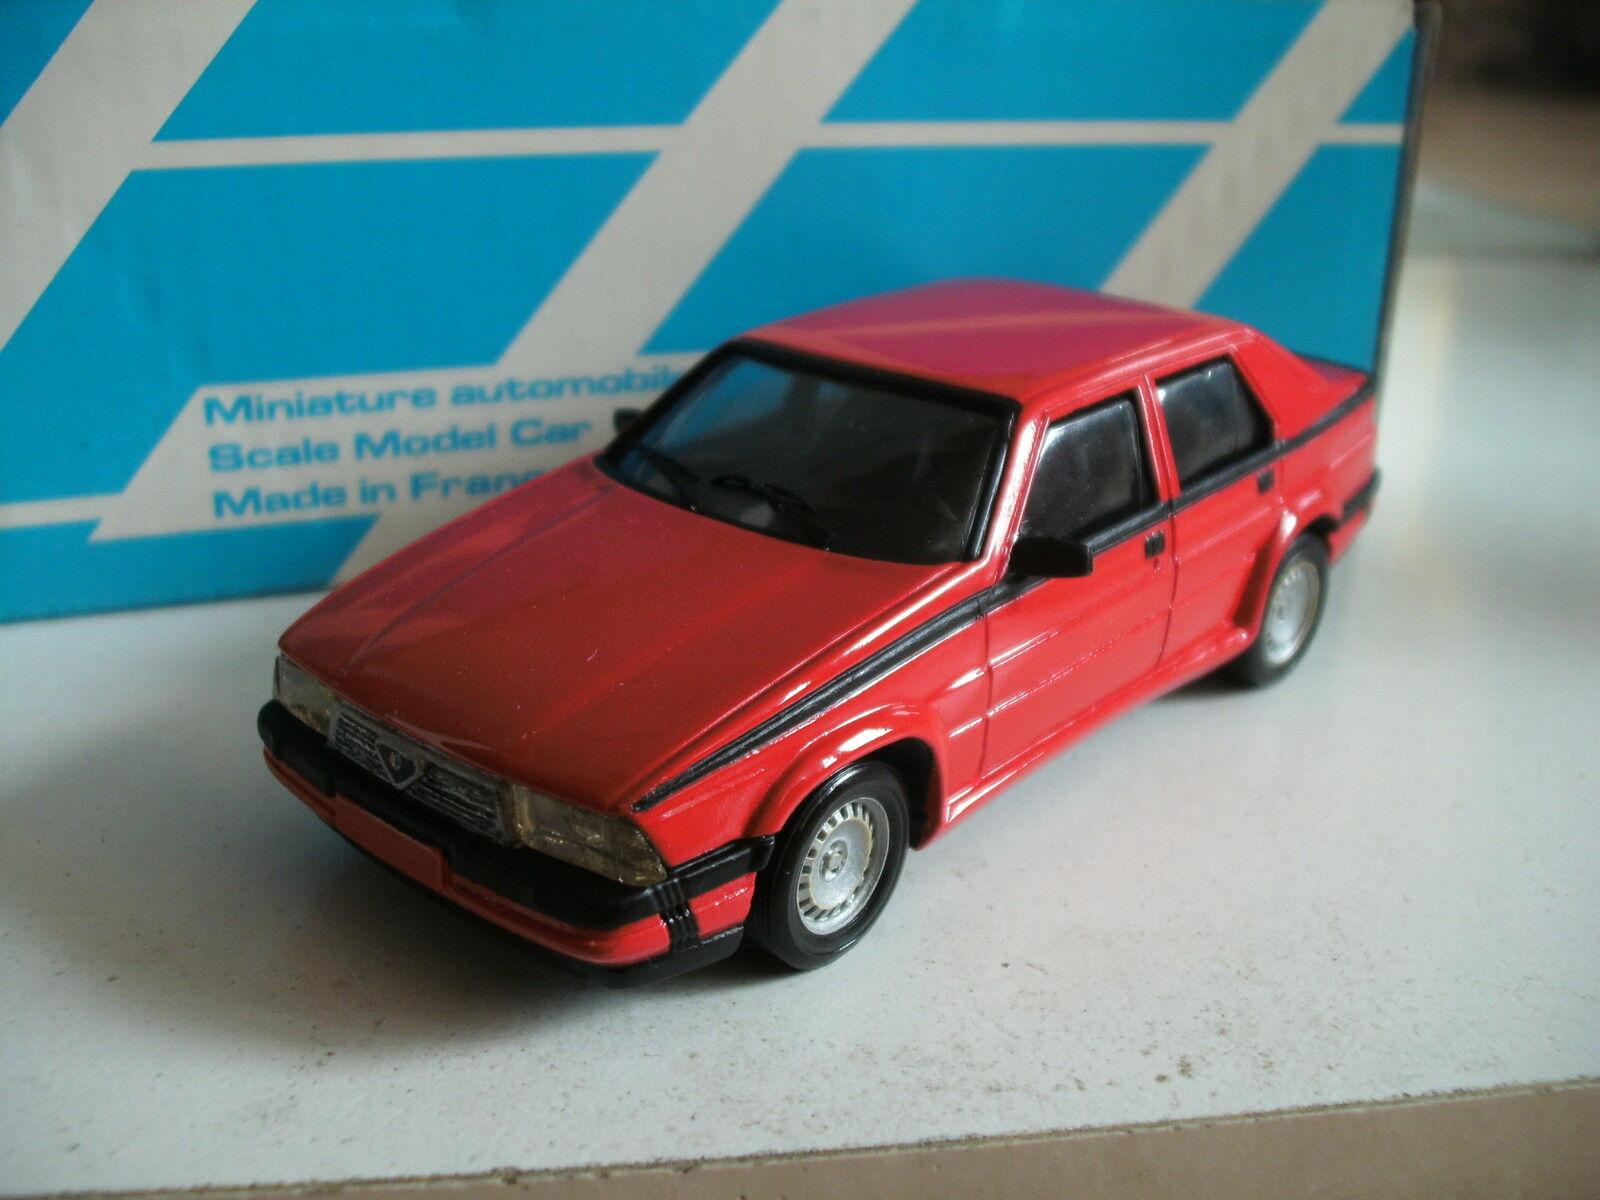 almacén al por mayor Alezan Handbuilt Handbuilt Handbuilt model Alfa Romeo 75 V6 America in rojo on 1 43 in box  la mejor selección de